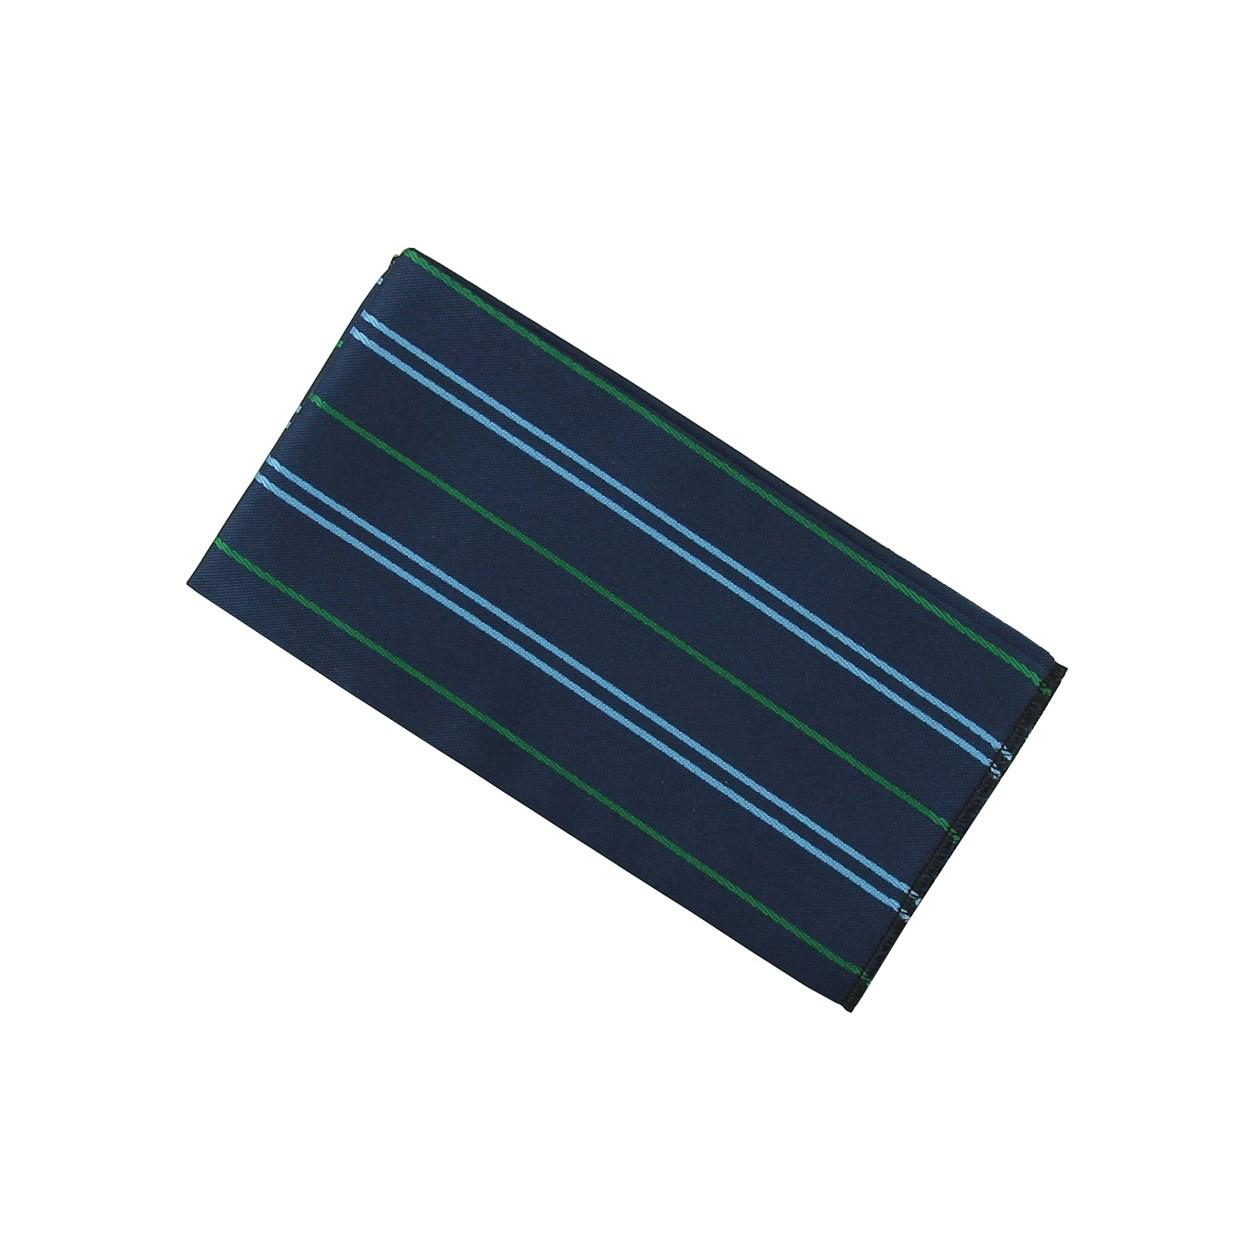 Tmavě modrý pánský kapesníček do saka s proužky